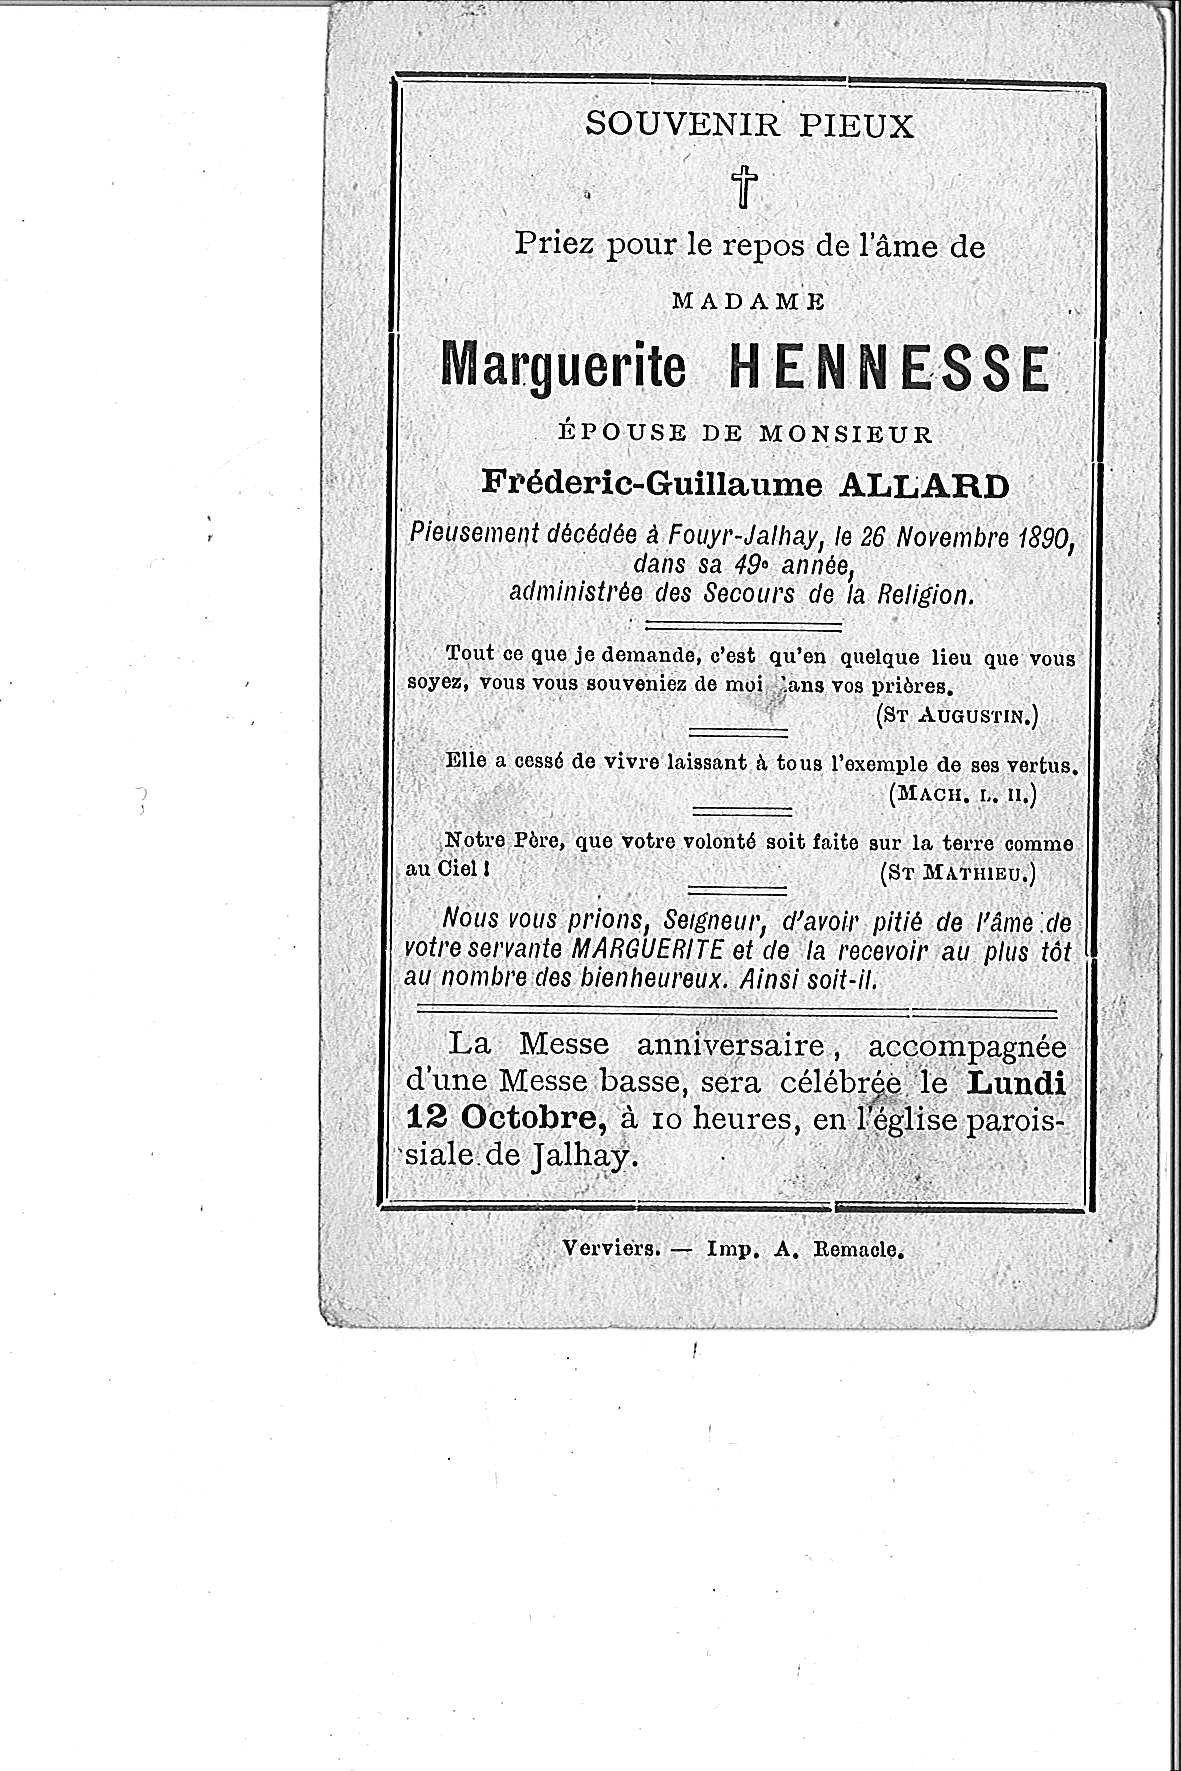 Marguerite(1890)20141126145155_00034.jpg